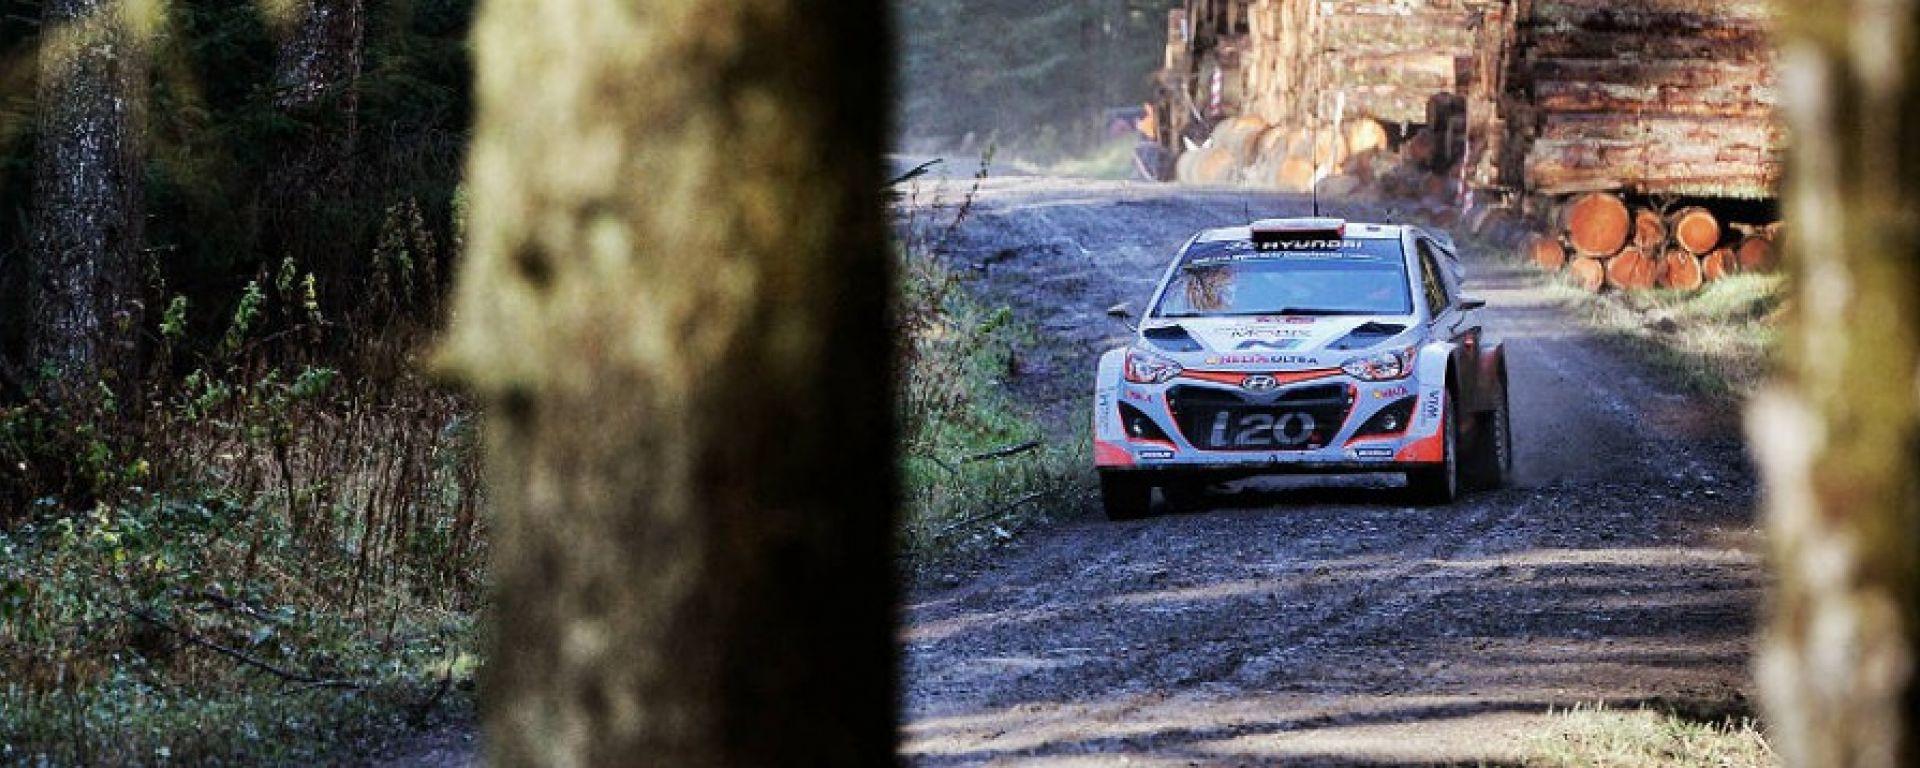 Sordo - Hyundai WRC 2015